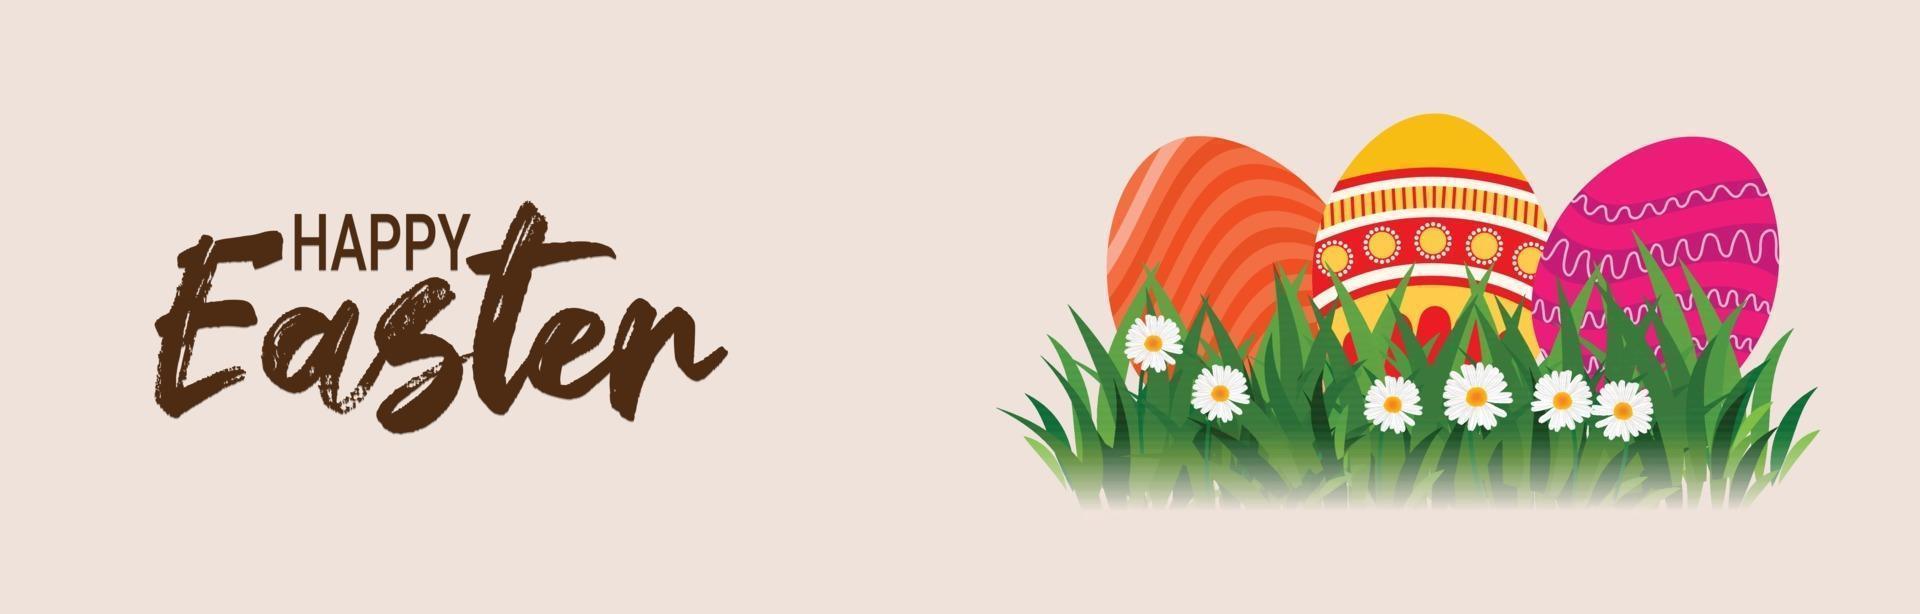 glad påskdag festival banner med påskägg och kanin vektor